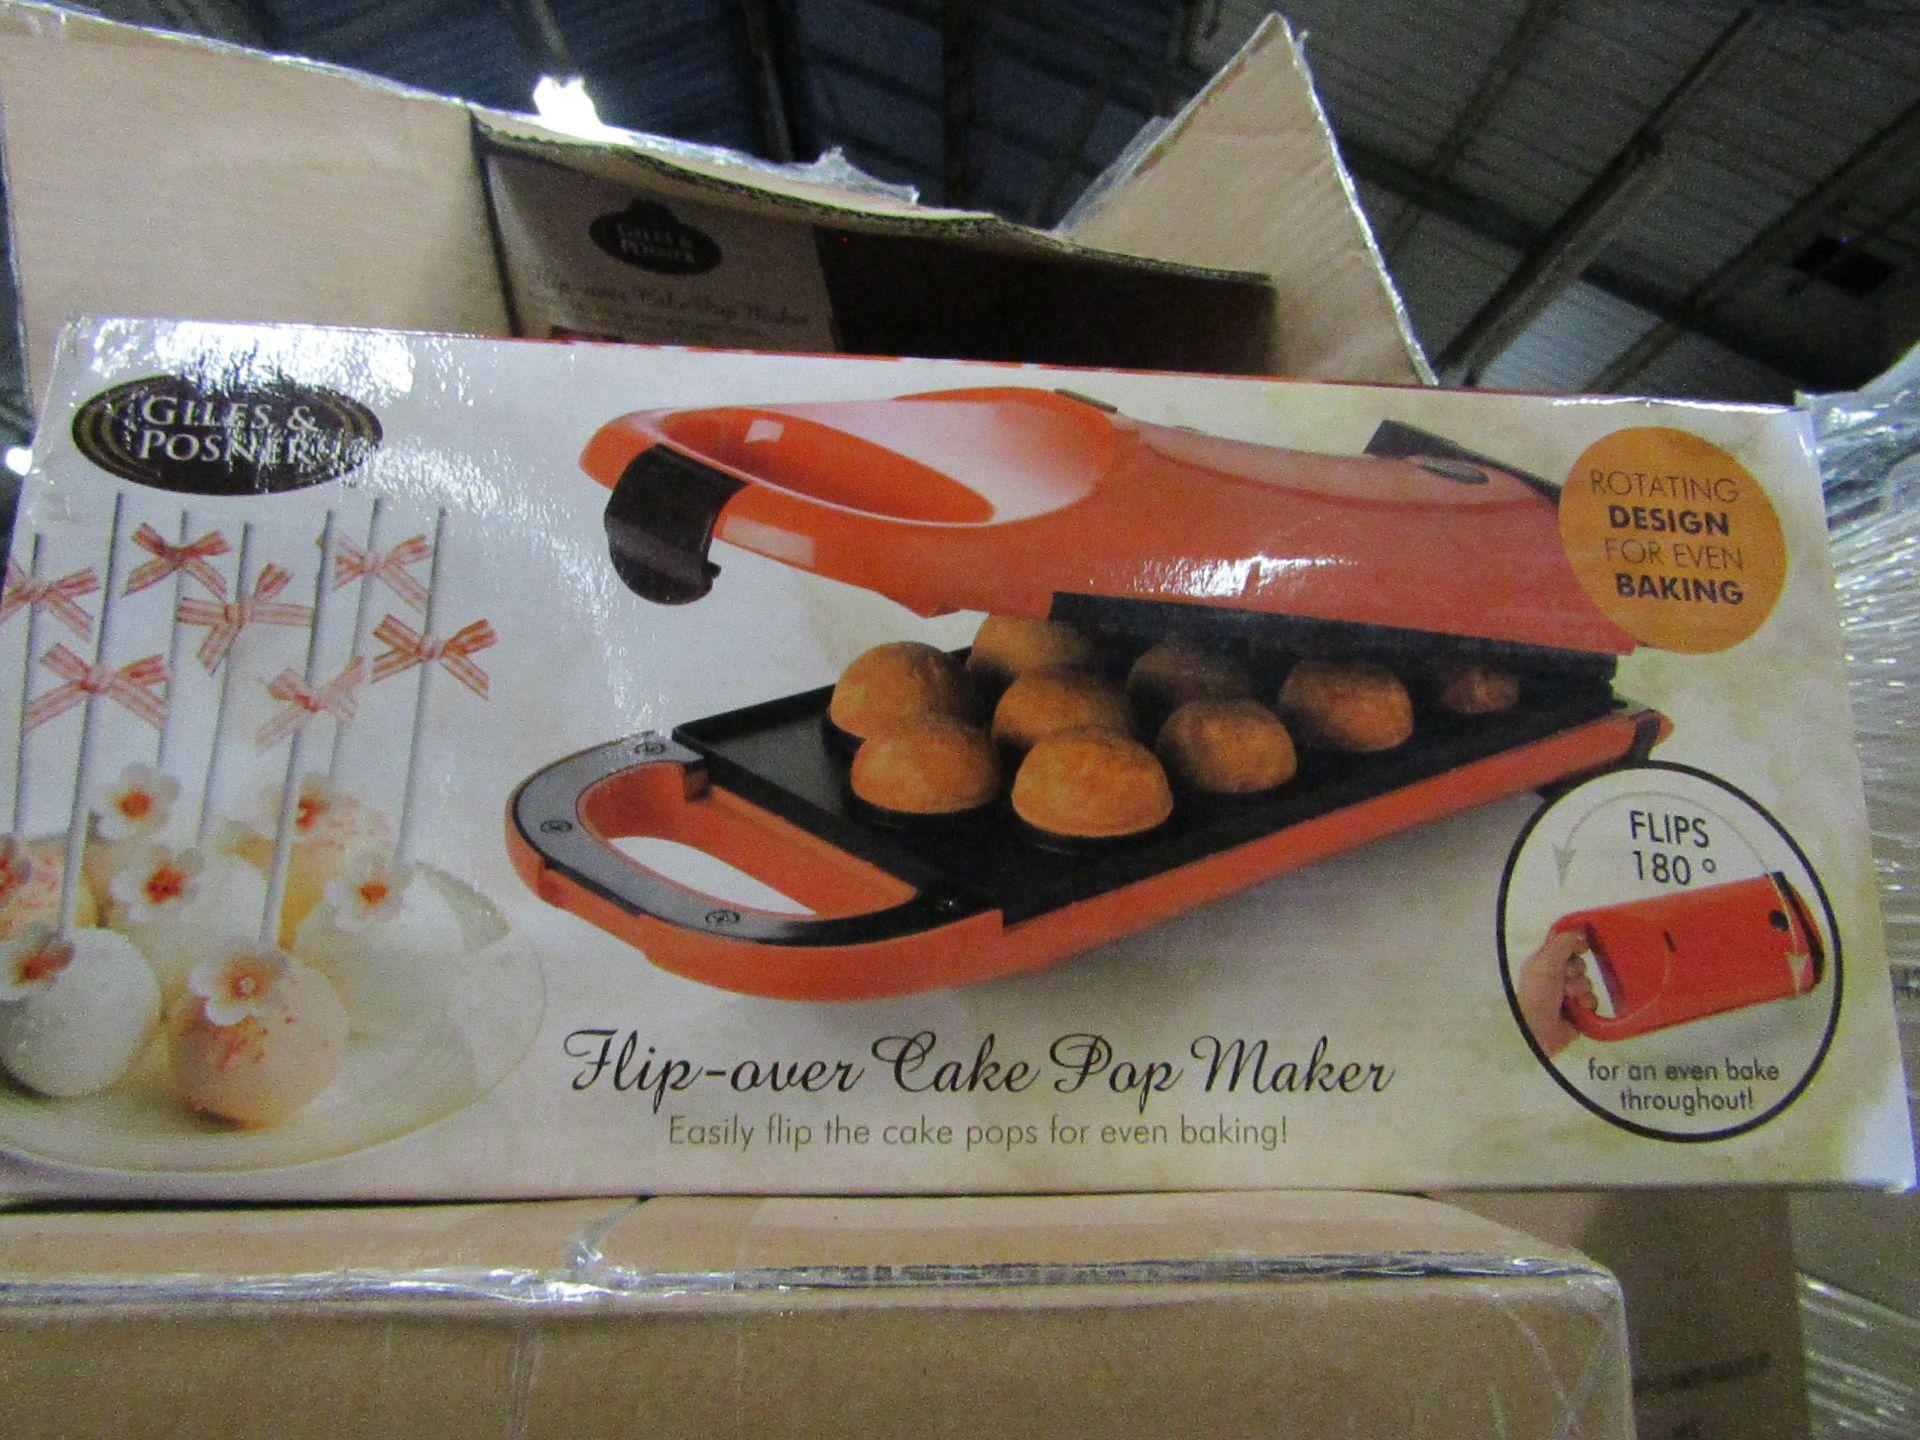 4x Giles & Posner - Flip-Oven Cake Pop Maker - new & Boxed